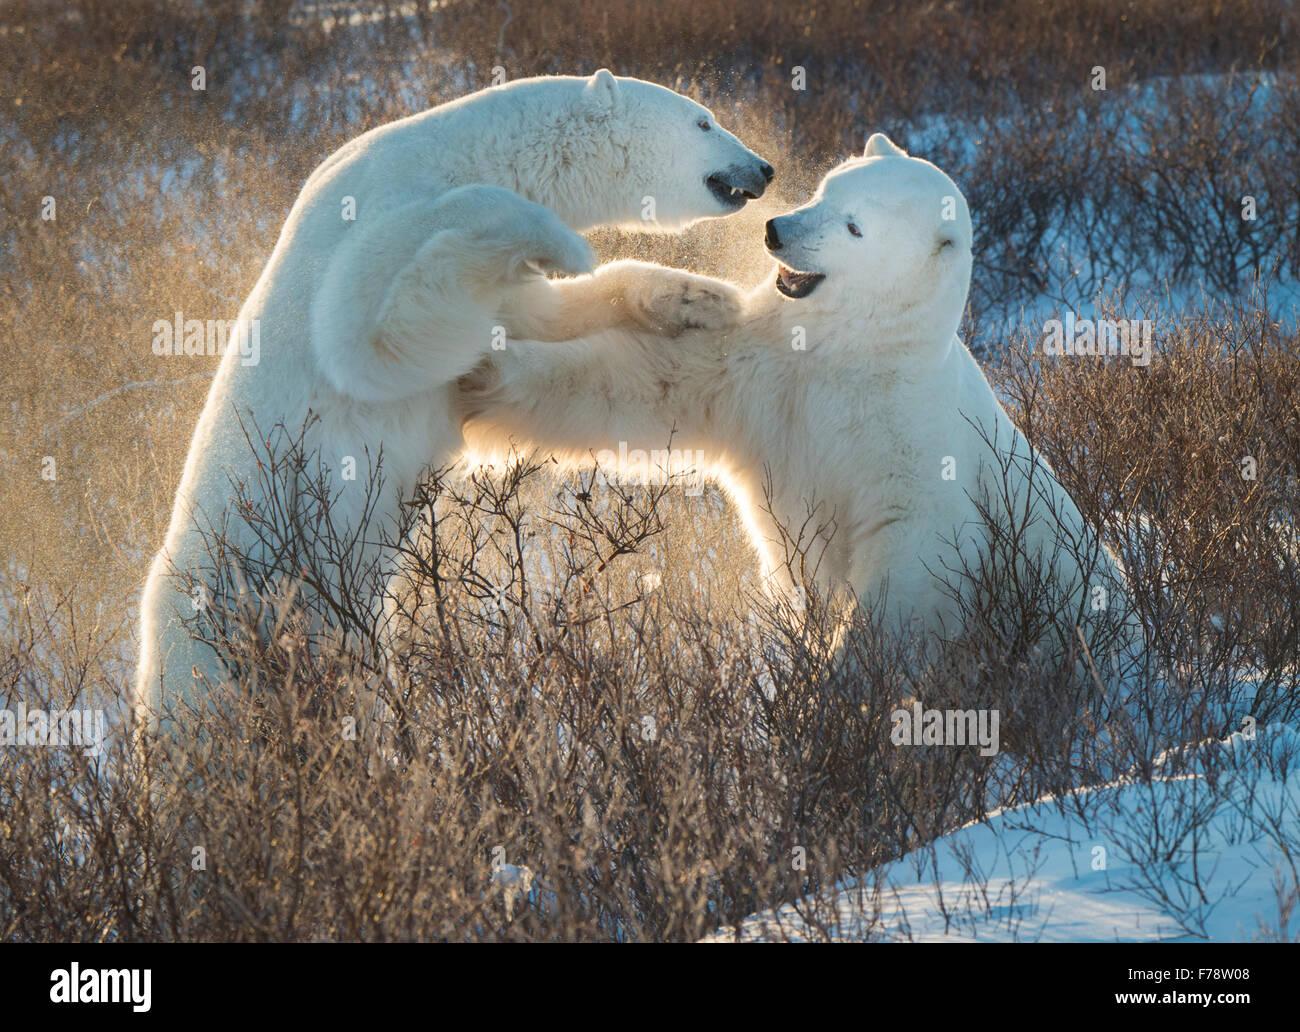 Gli orsi polari (Ursus maritimus) sparring con retroilluminazione Immagini Stock